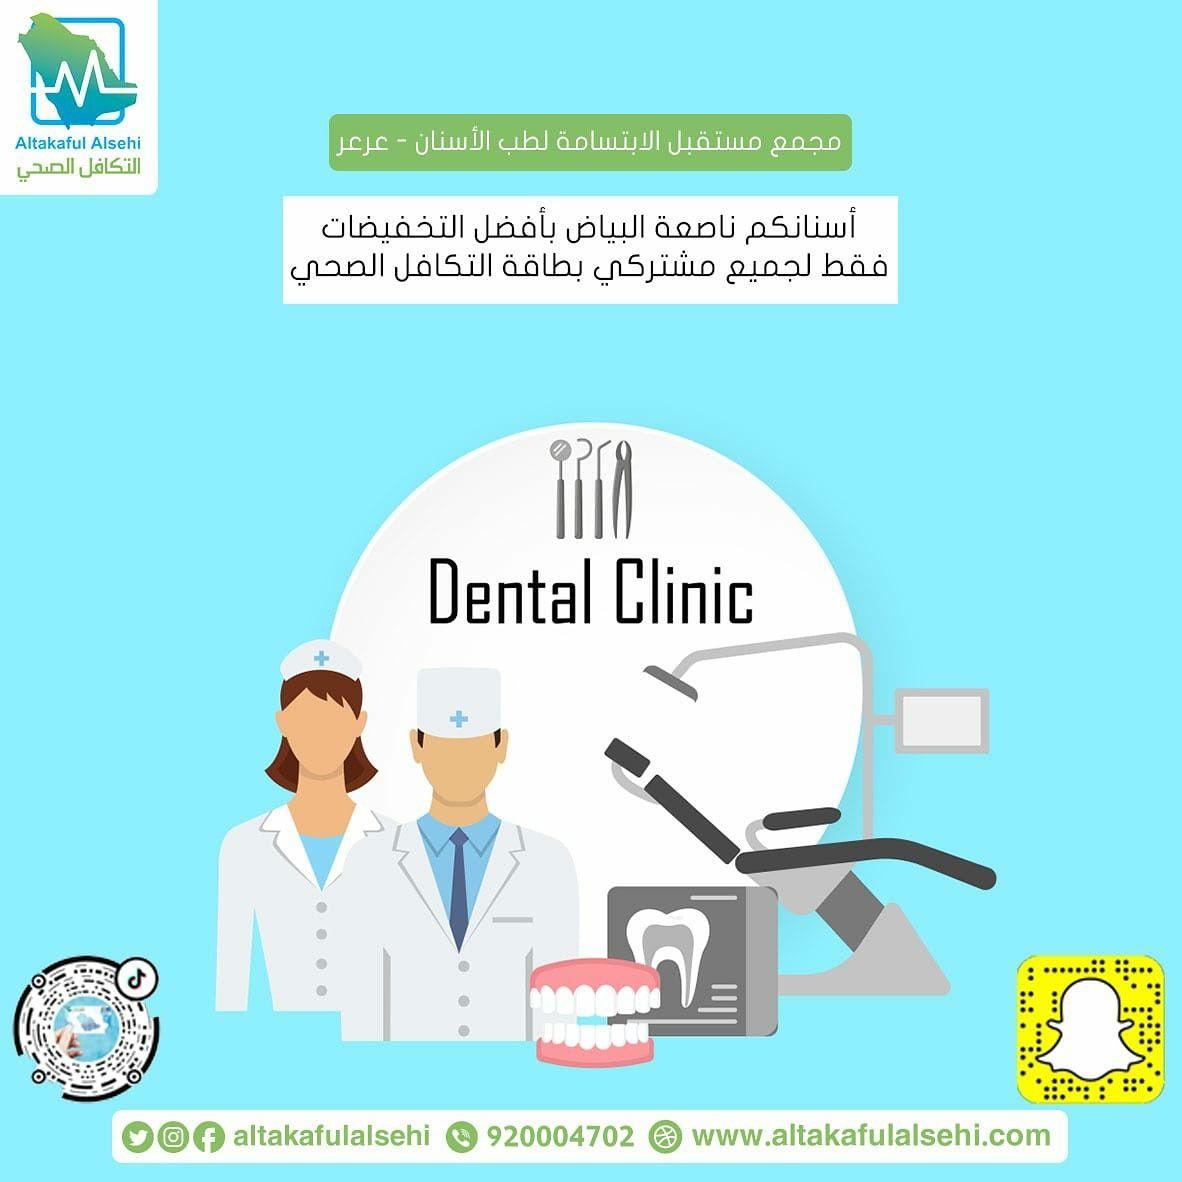 احصل على ابتسامة مميزة في مجمع مستقبل الابتسامة لطب الأسنان في عرعر بخصومات على بطاقة التكافل الصحي Https Bit Ly 3k3rtsz أسنان Dental Clinic Dental Clinic